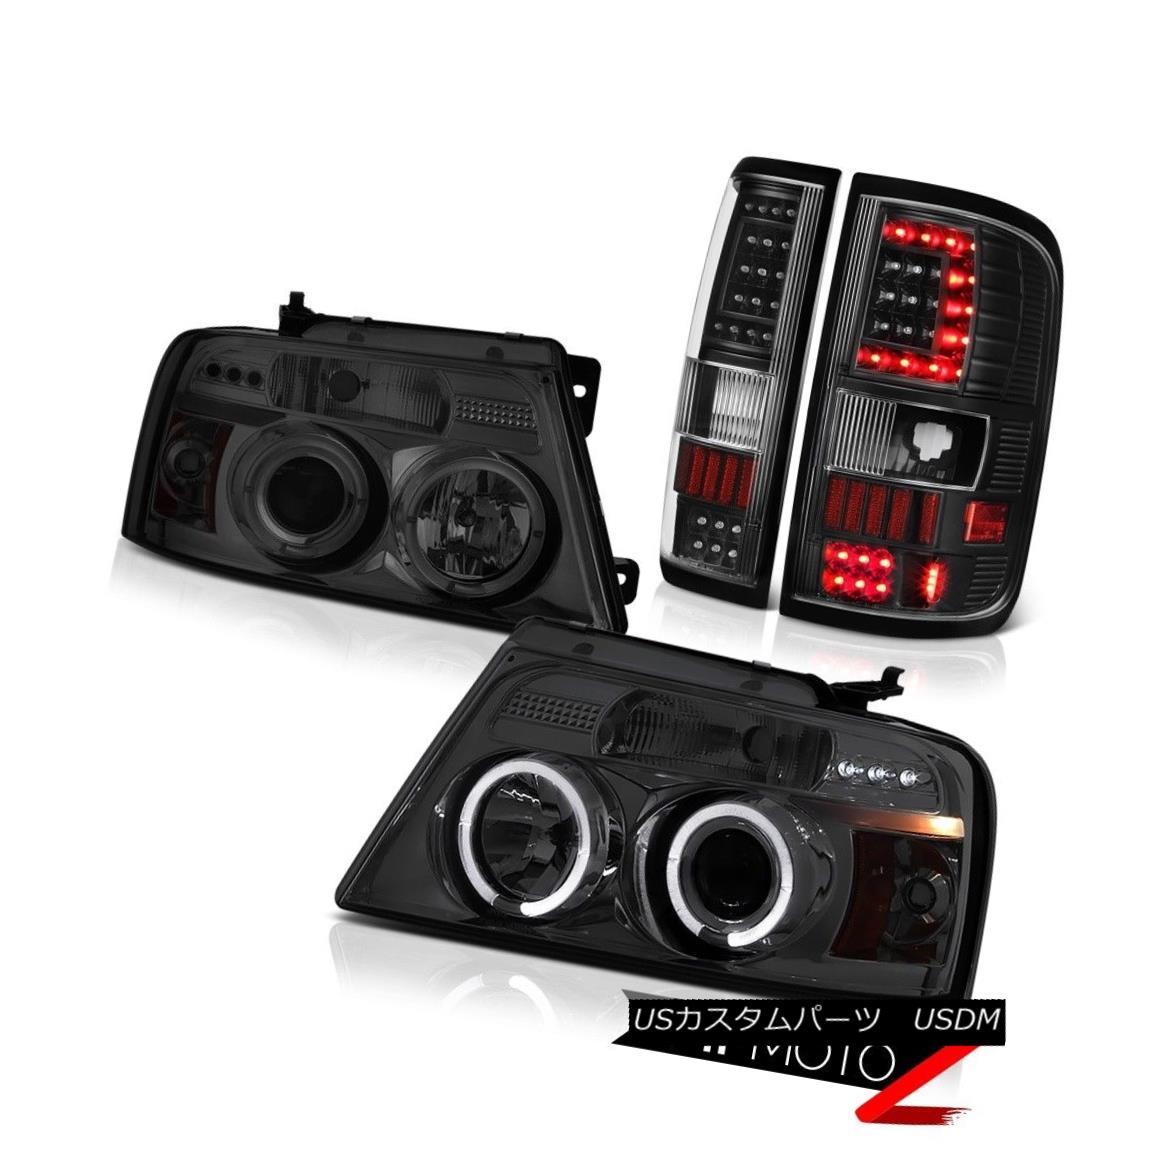 テールライト 2004-2008 Ford F150 F-150 Black Led Tail Light Graphite Smoke Custom Head LH+RH 2004-2008フォードF150 F-150ブラックLedテールライトグラファイトスモークカスタムヘッドLH + RH